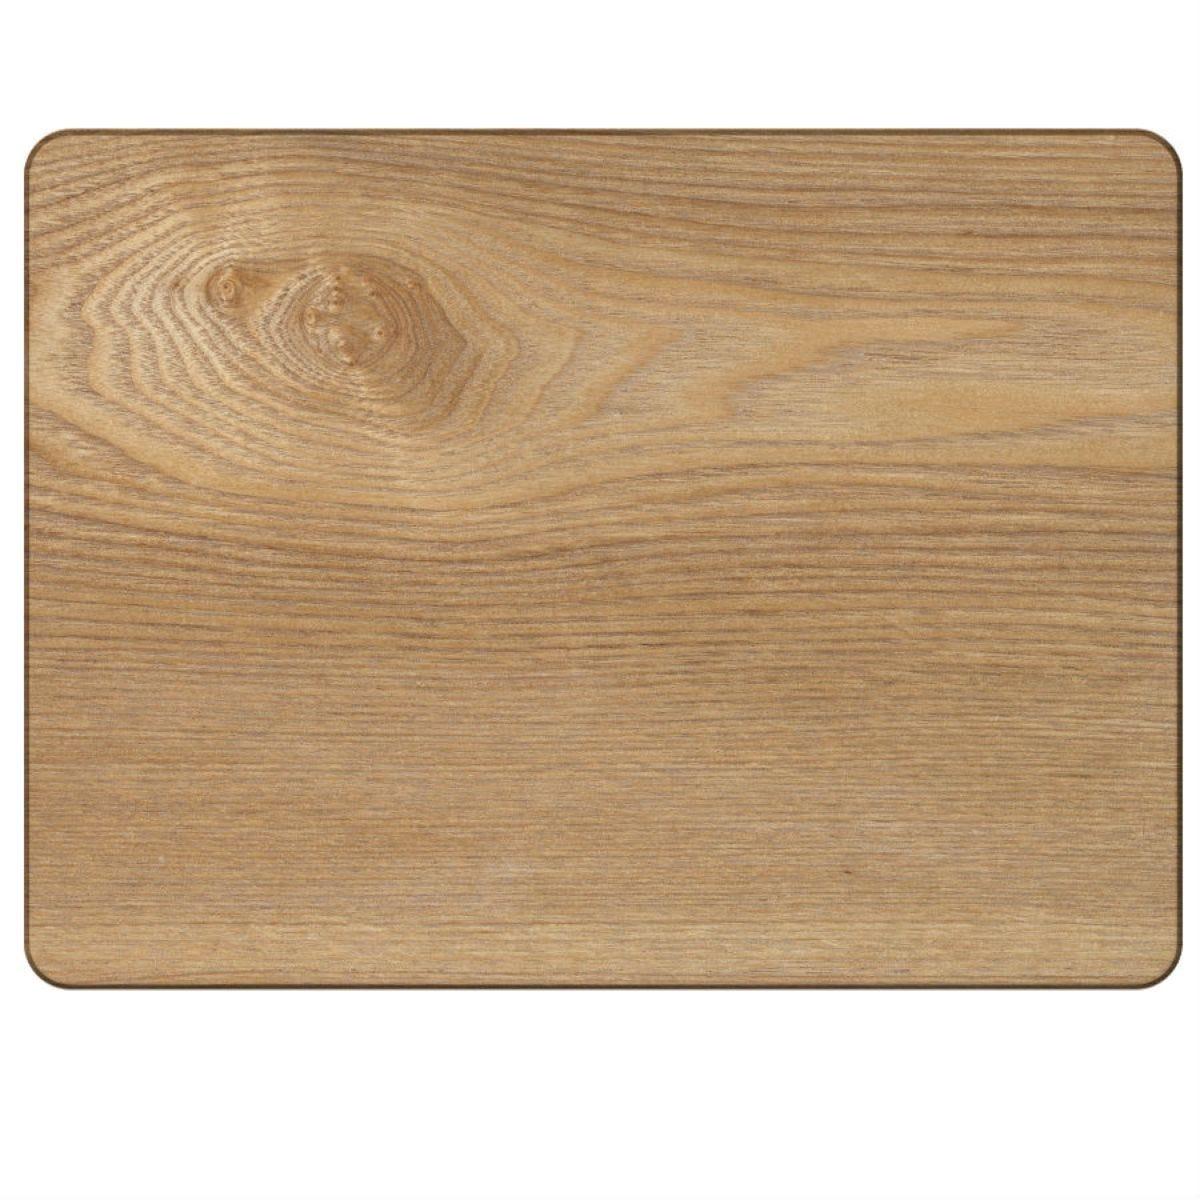 Creative Tops Oak Veneer Placemats - Set of 4